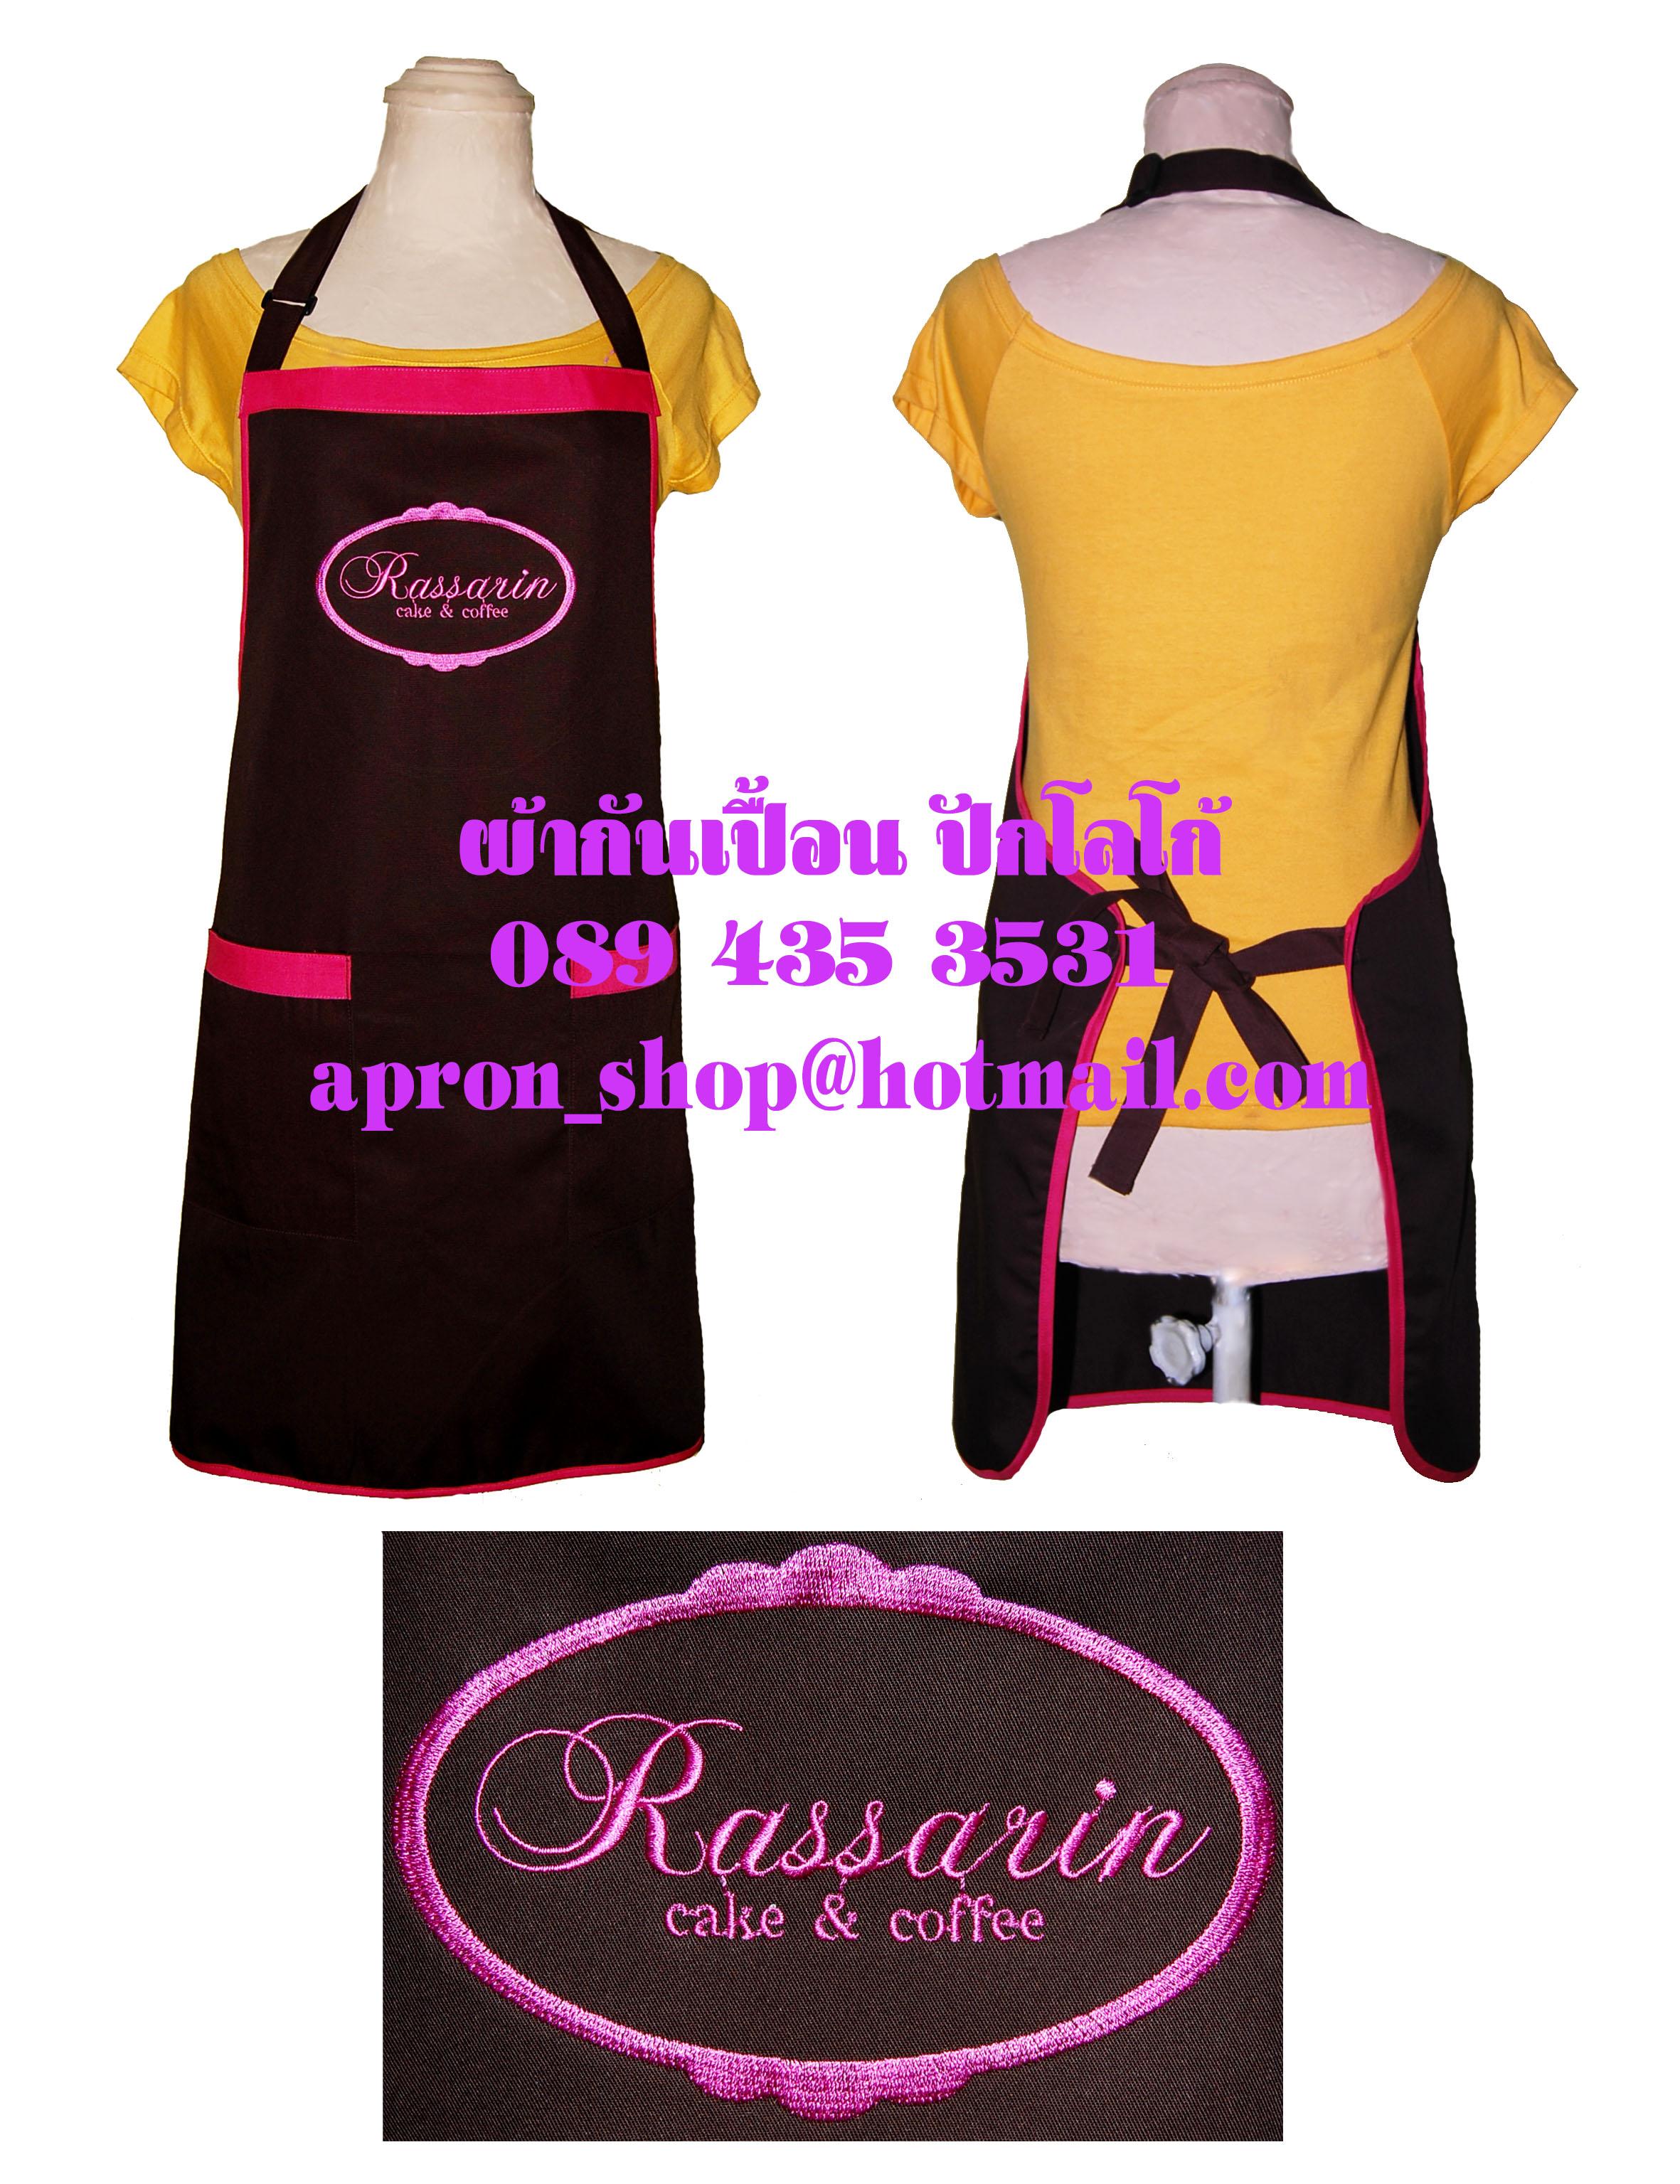 ผ้ากันเปื้อนเต็มตัว แบบร้านRassarin